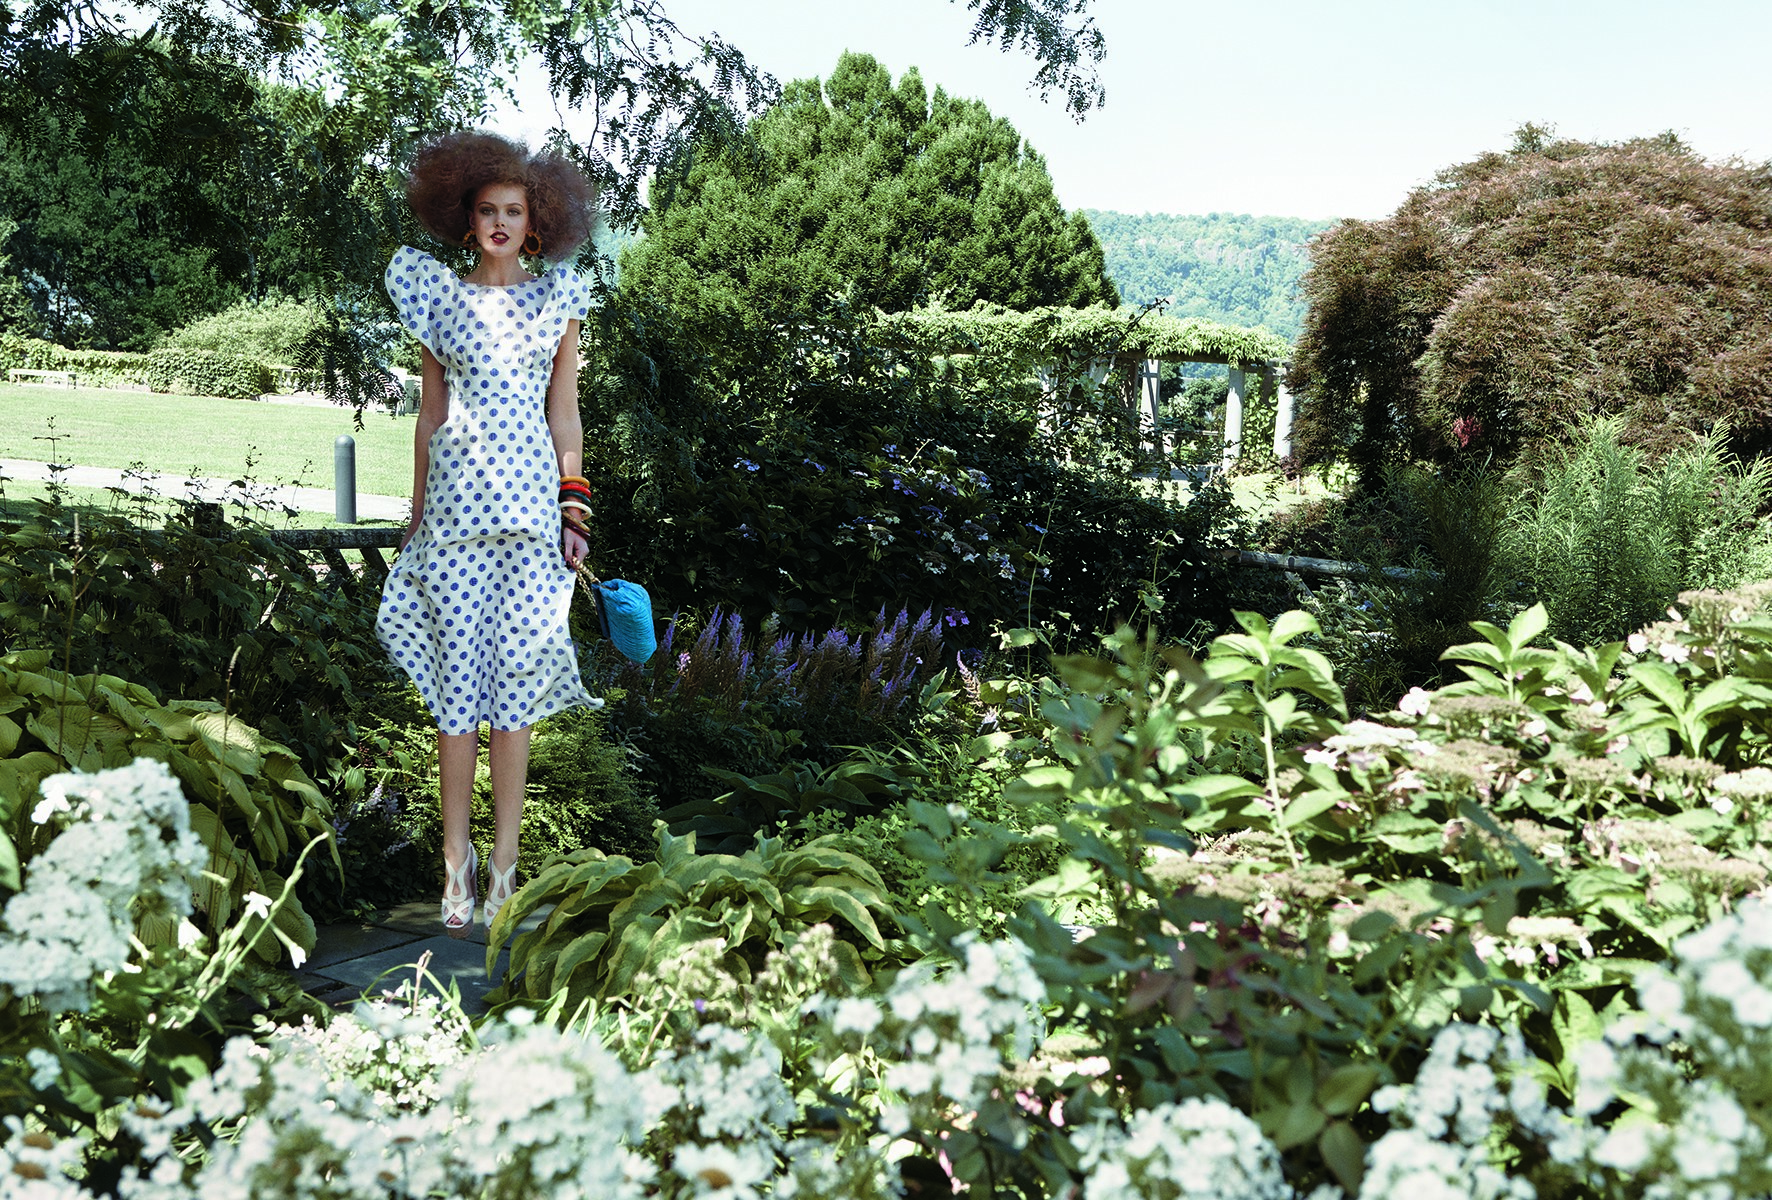 Vrtnarjenje pomirja